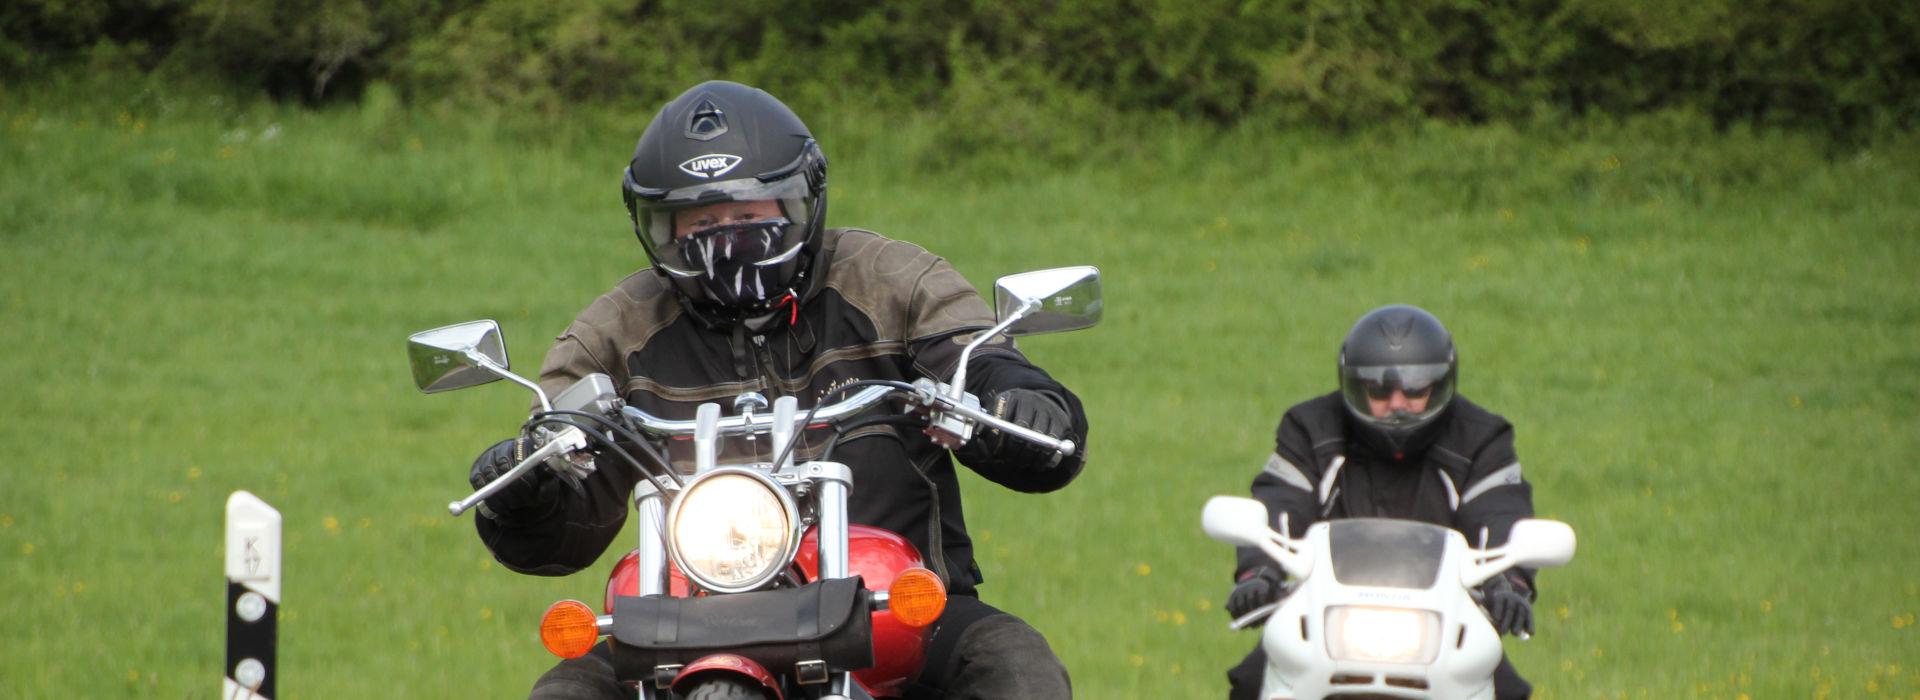 Motorrijbewijspoint Zuidbroek motorrijlessen